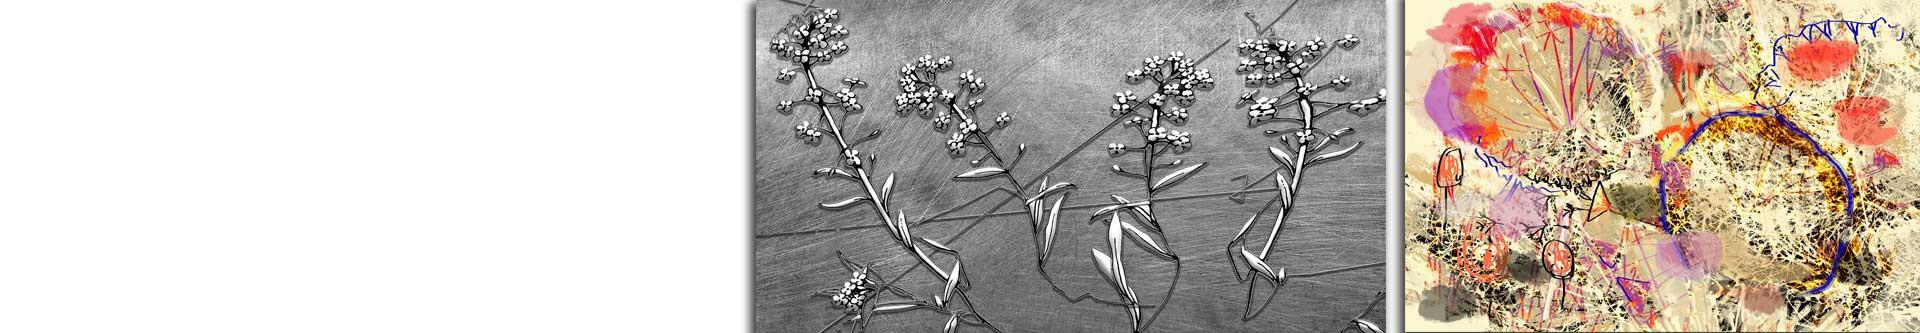 Obrazy kwiaty abstrakcja • Grafiki Obrazy